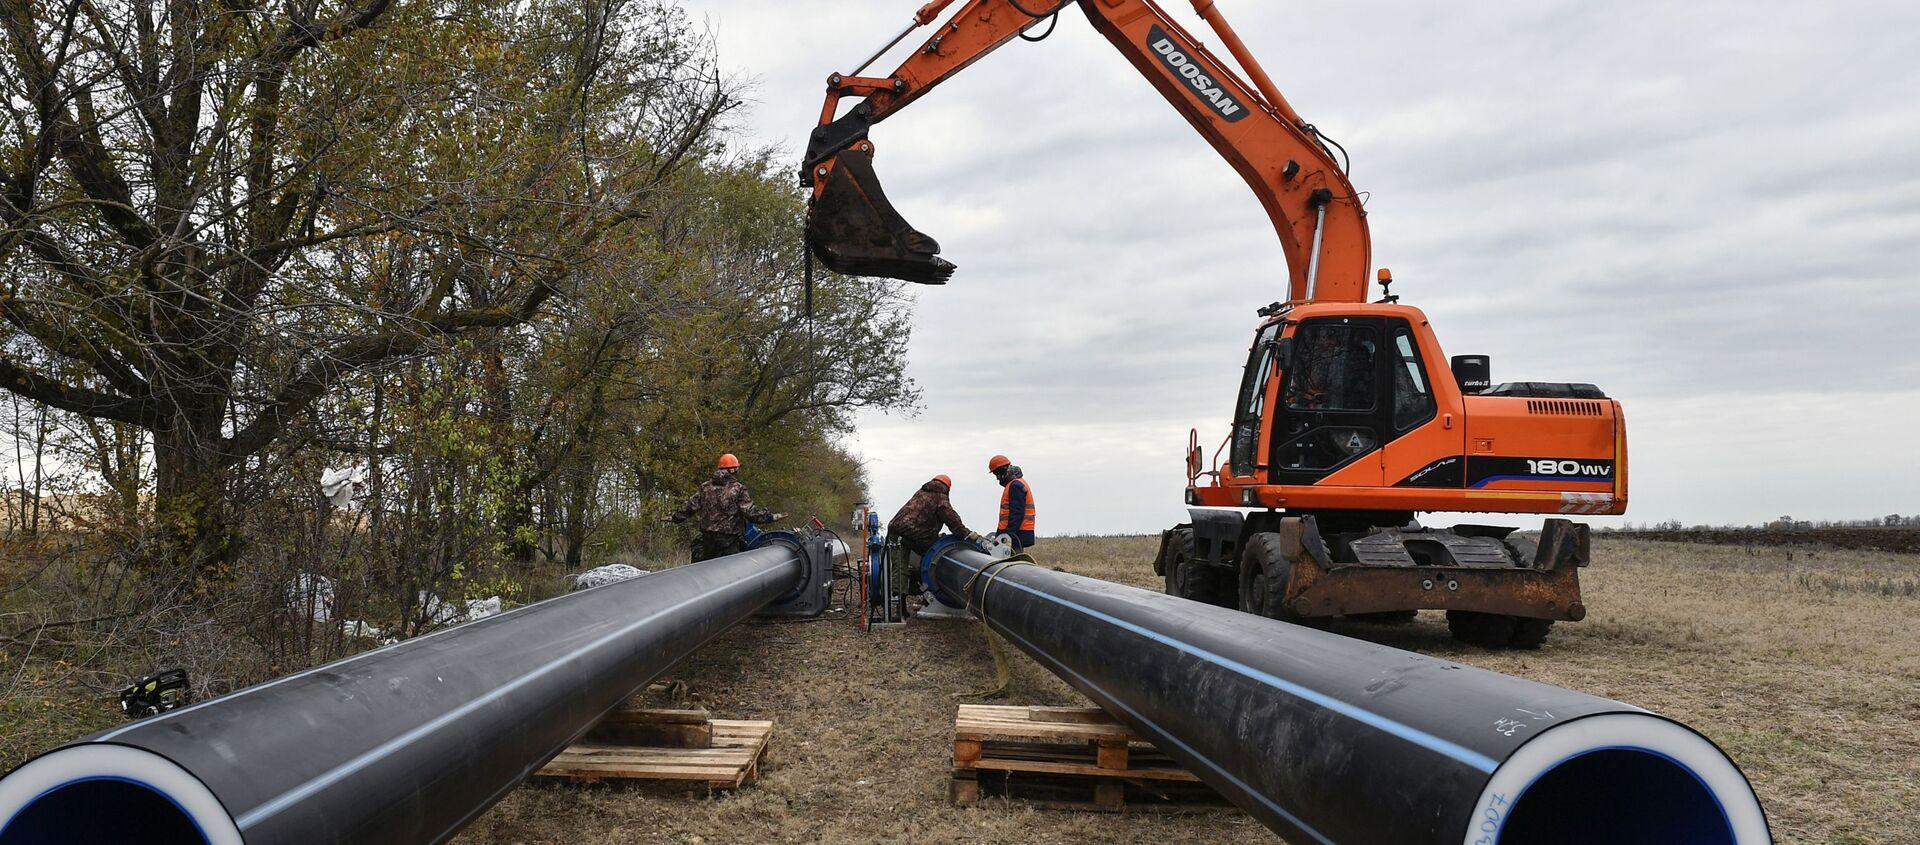 Na Krymie uruchomiono dwie studnie nowego wodociągu Beszterek-Zujskij, który będzie zaopatrywał w wodę Symferopol.  - Sputnik Polska, 1920, 18.03.2021